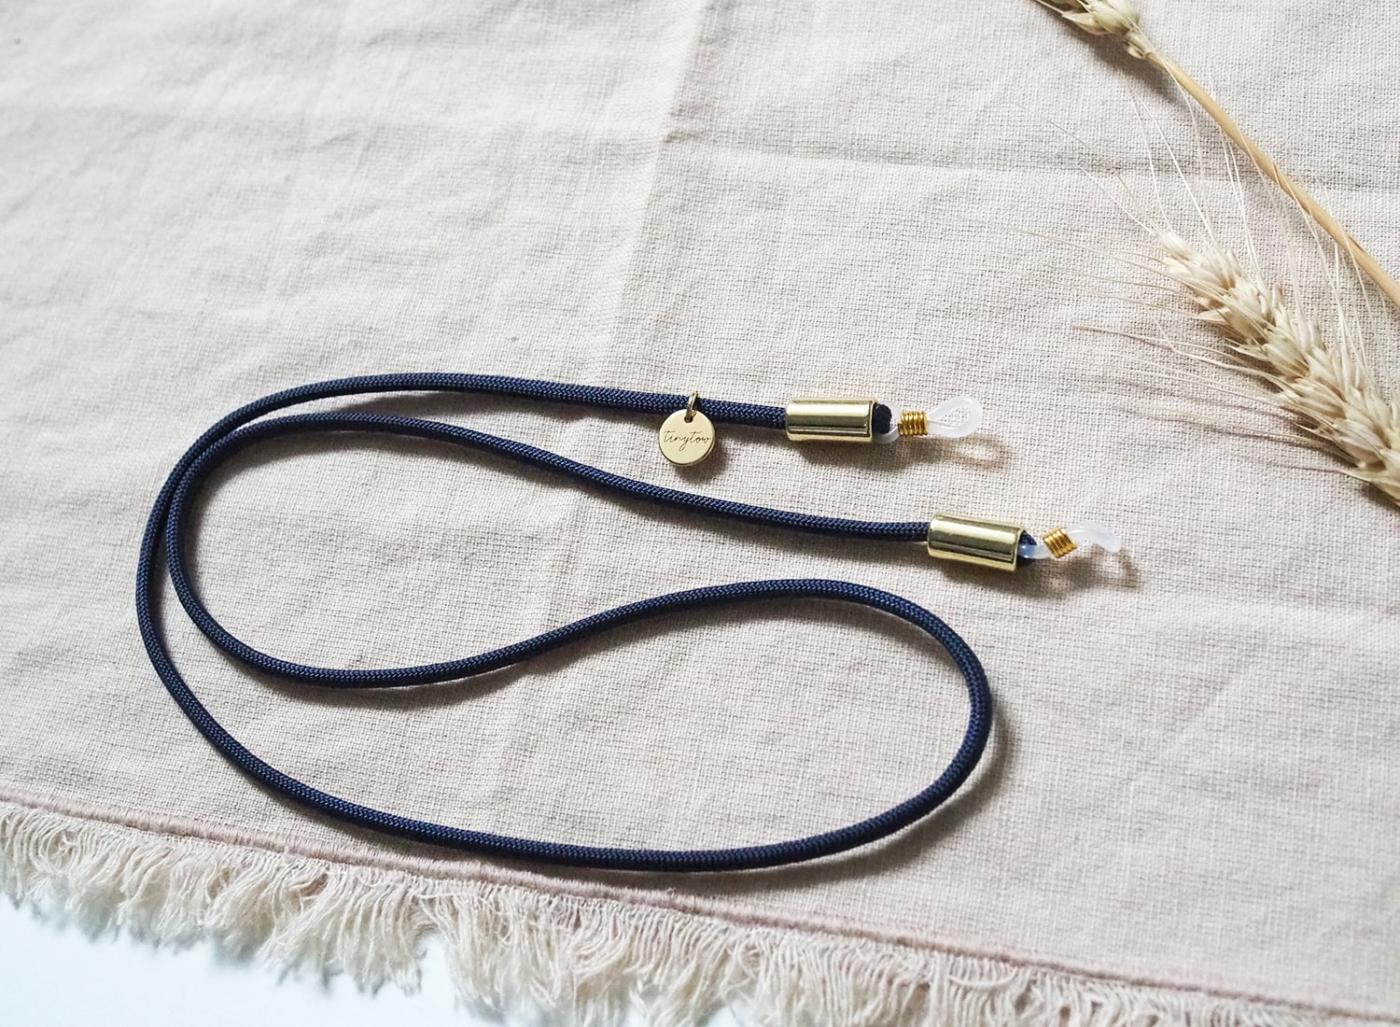 Brillnband in dunkelblau mit goldenen Details aus Nylon/Stoff.